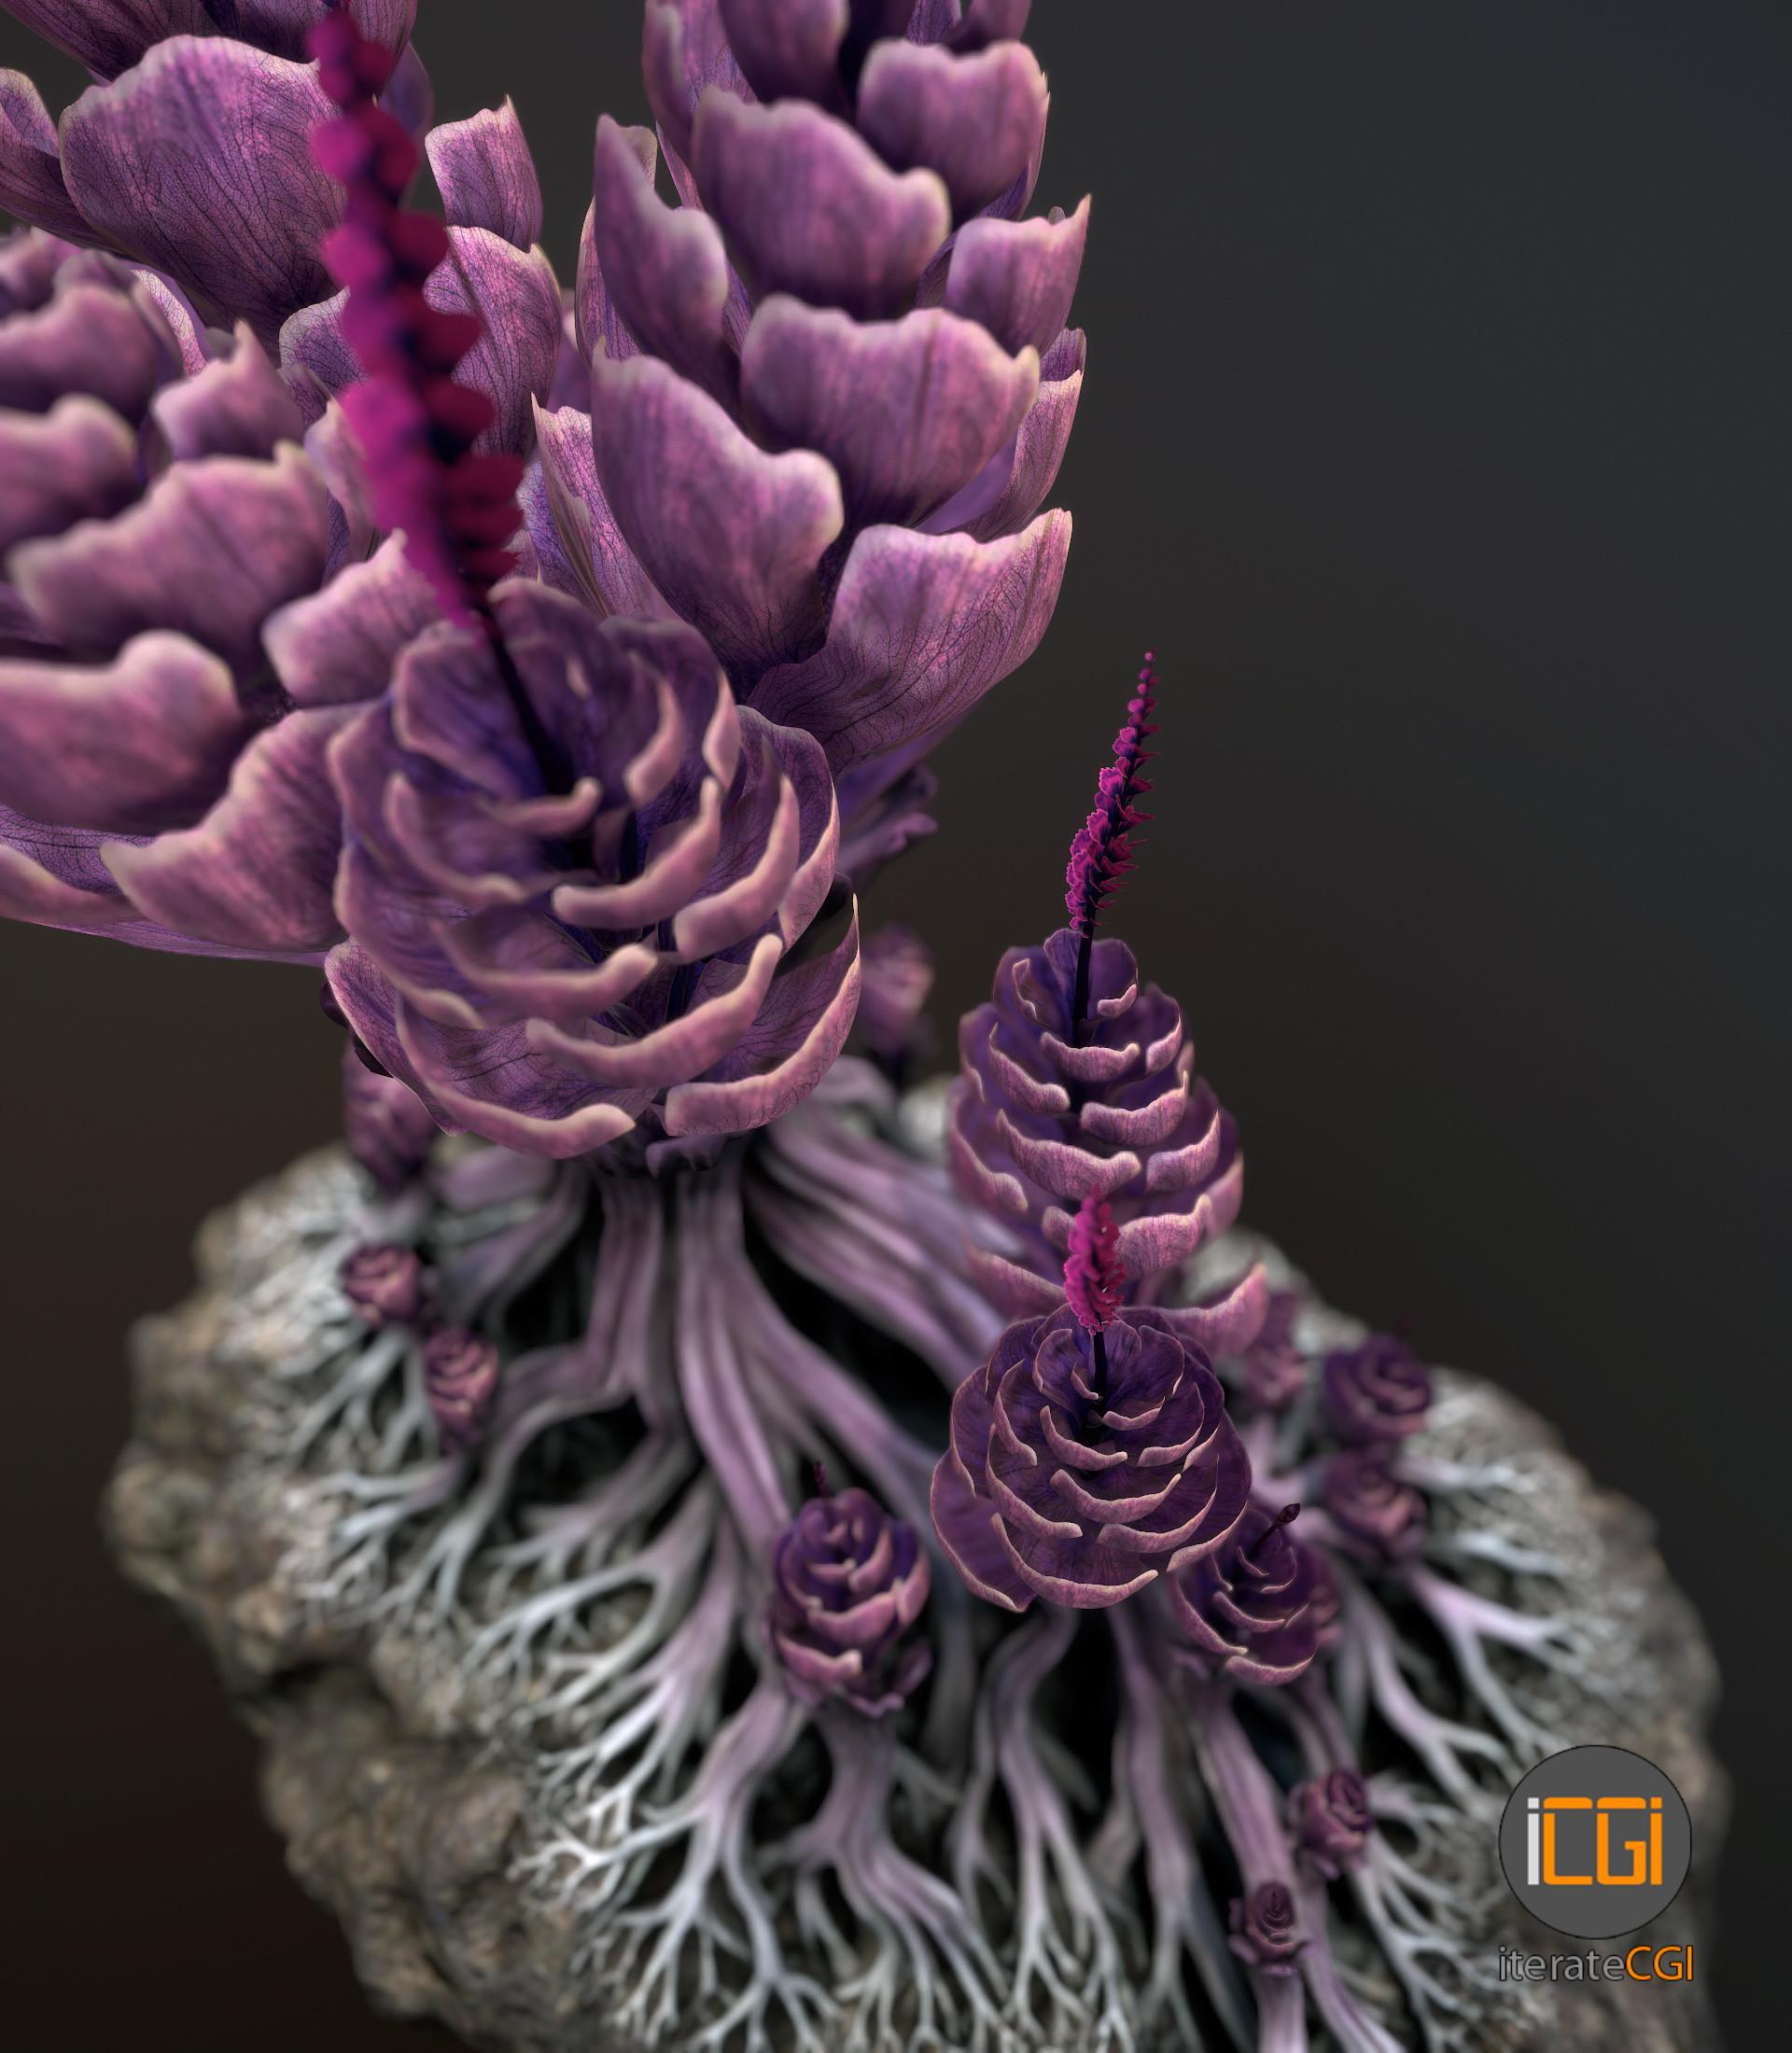 Johan de leenheer alien plantch6